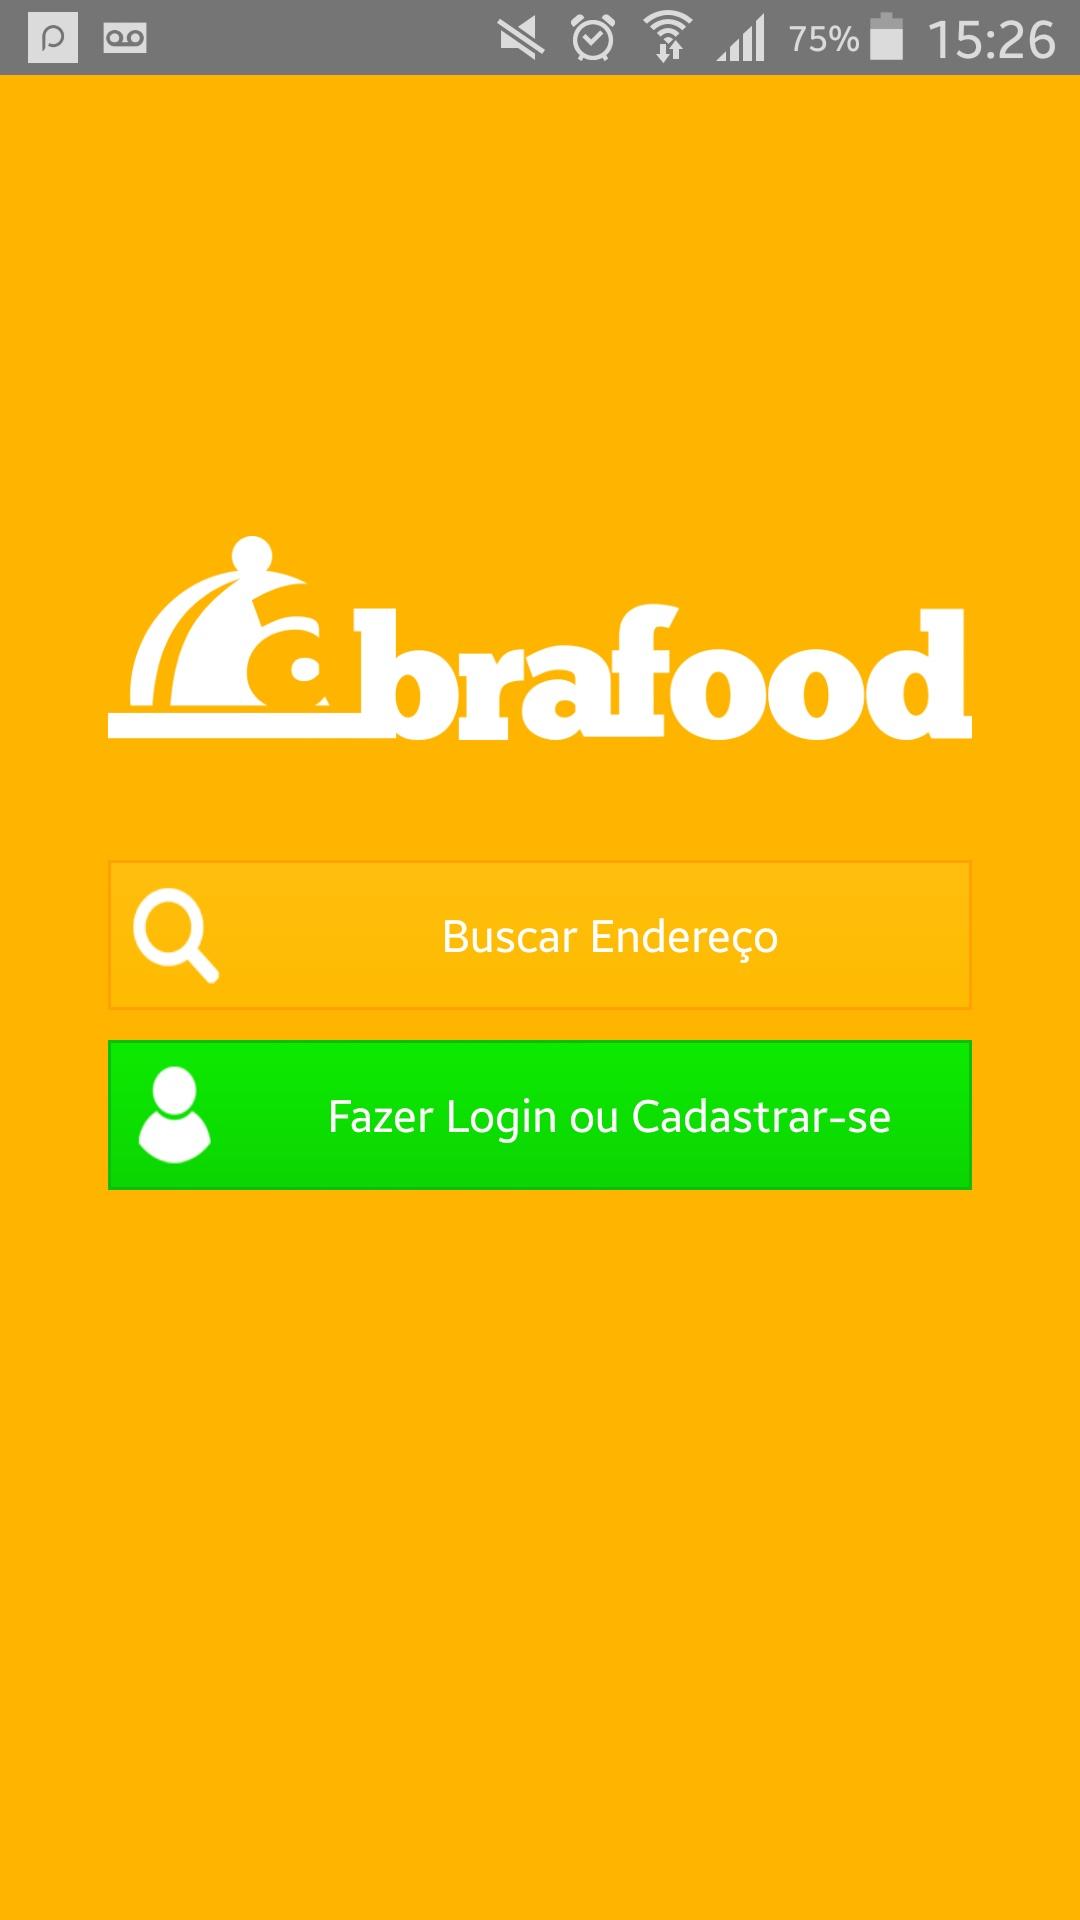 Imagem da tela inicial do app (Foto: Divulgação)